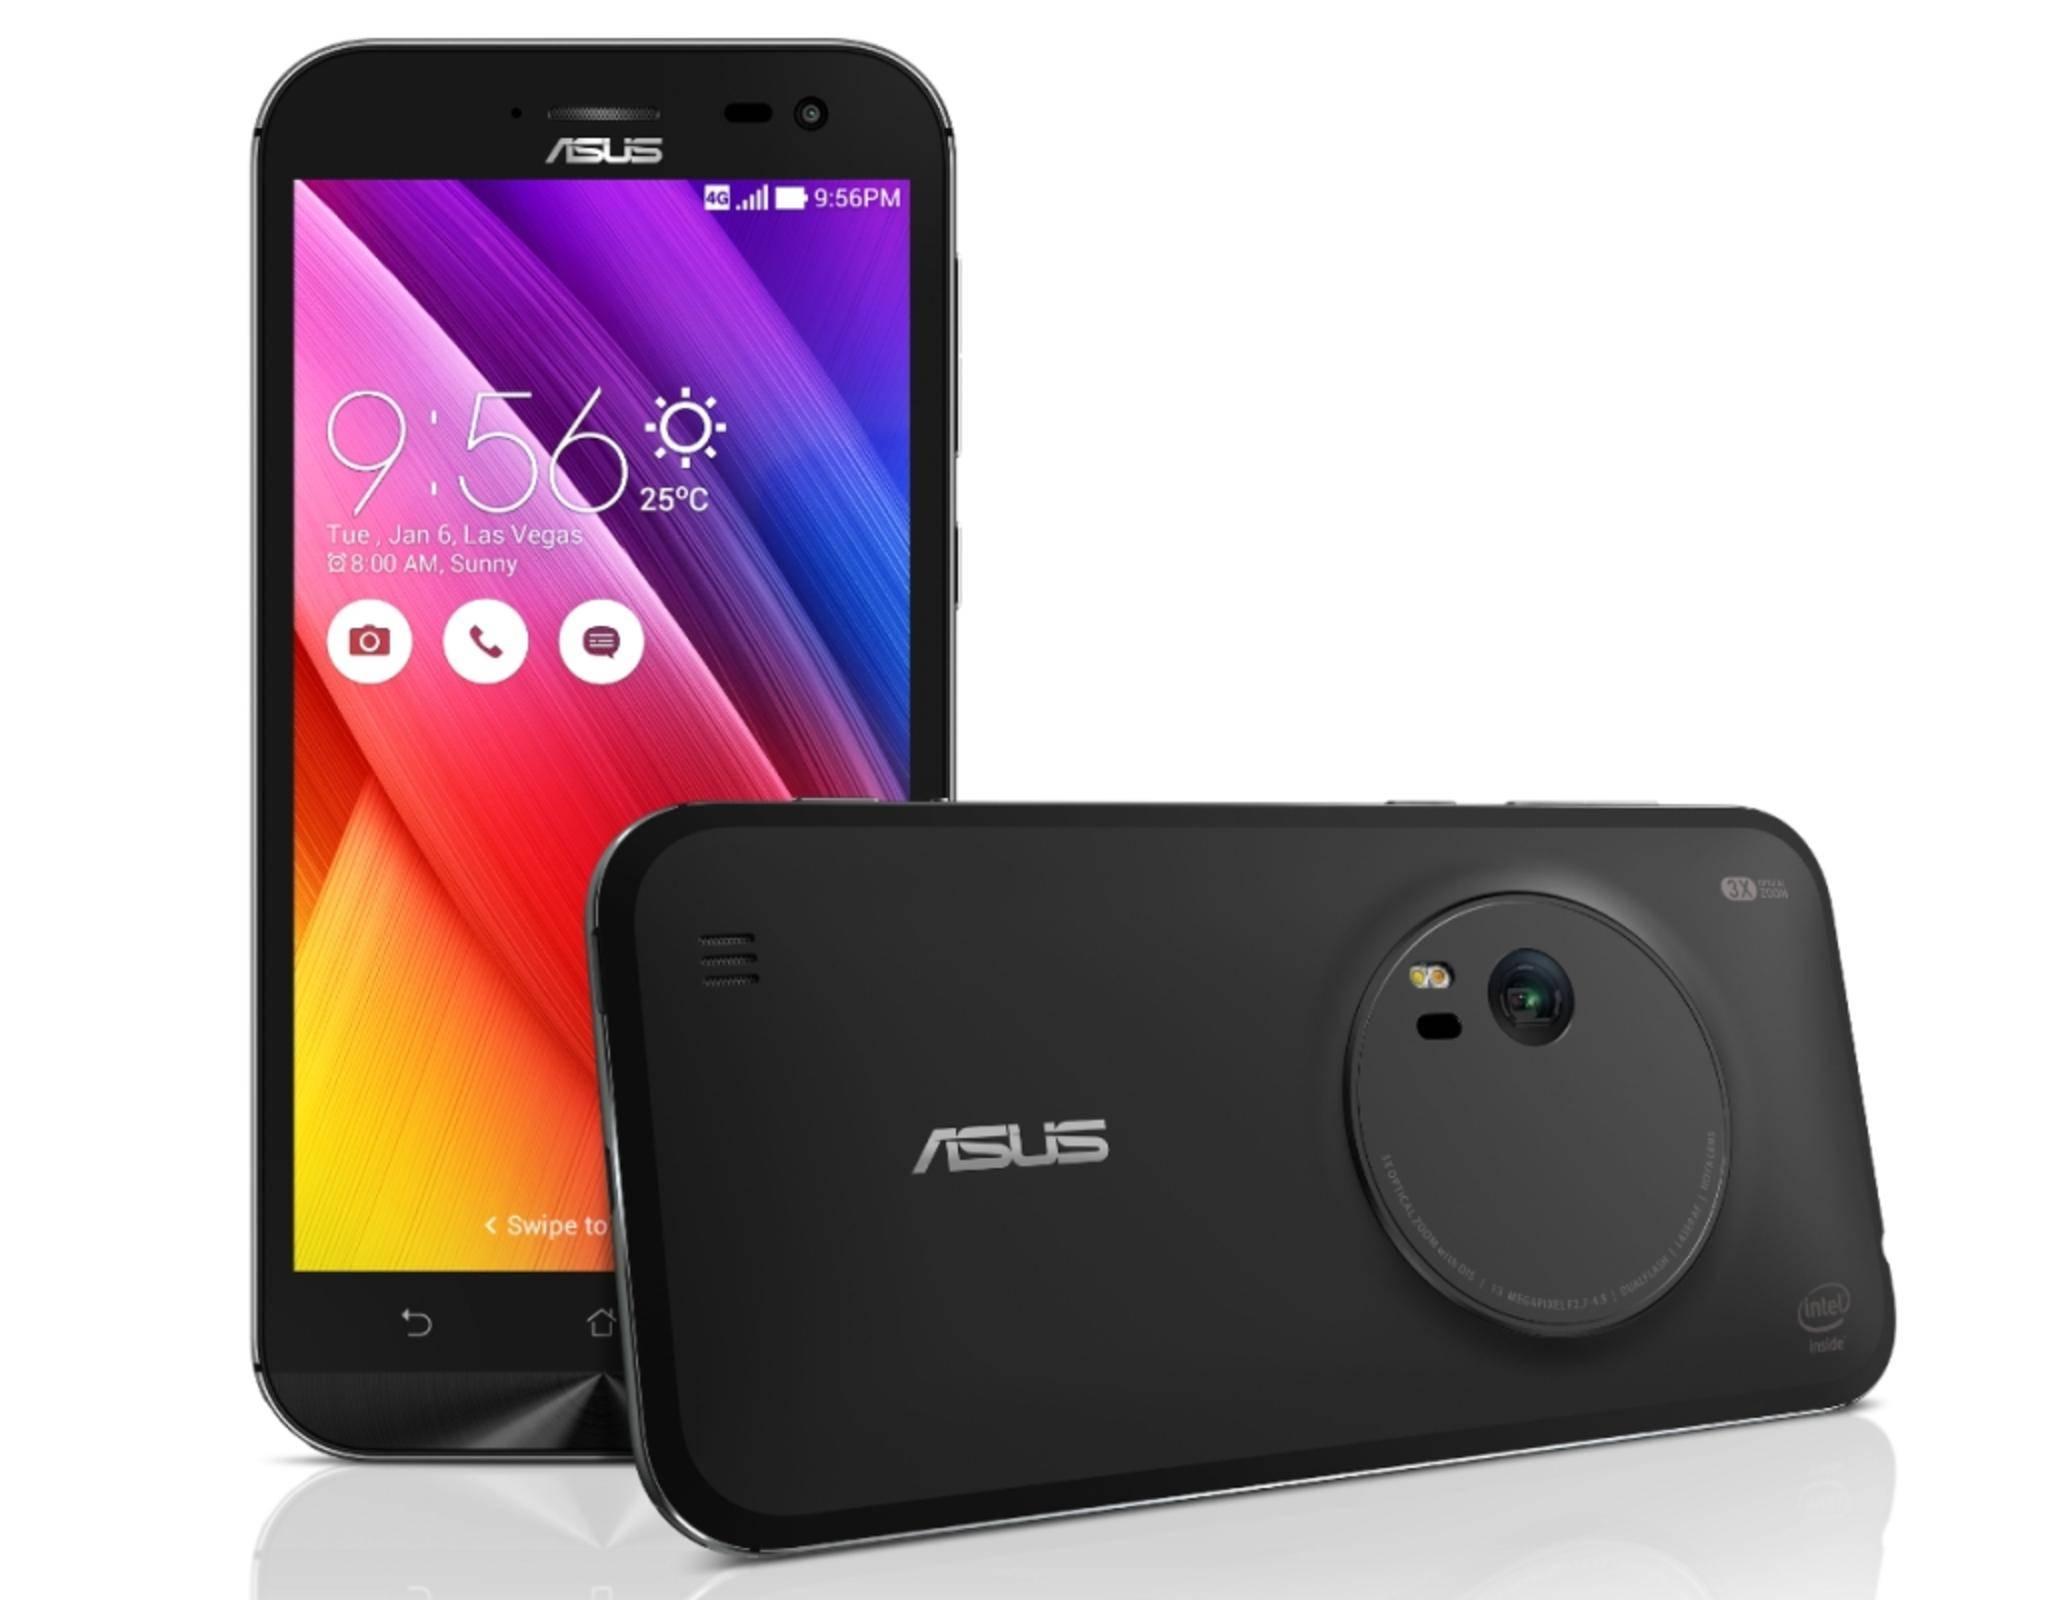 Das Asus ZenFone Zoom wird es in schwarz und weiß geben.